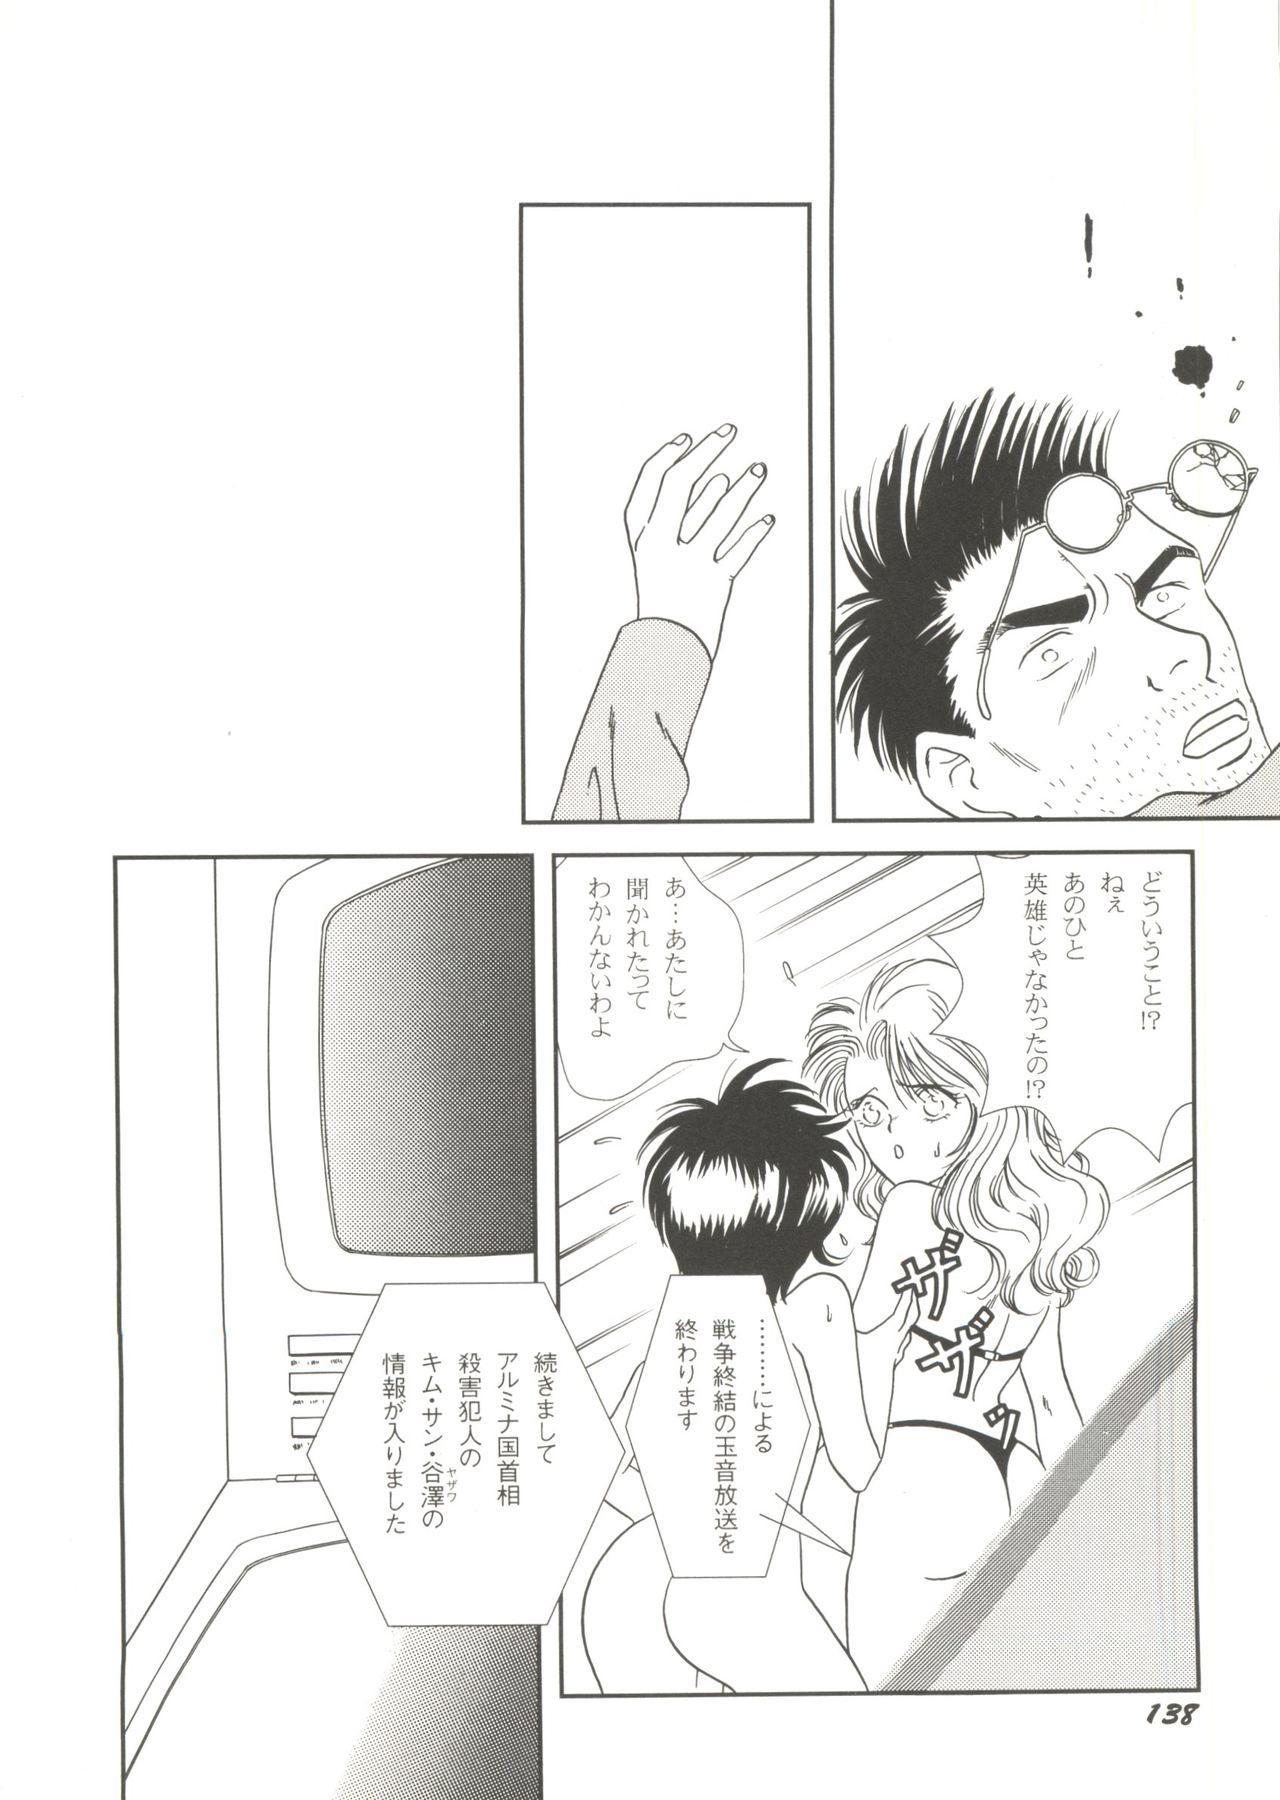 Doujin Anthology Bishoujo a La Carte 1 139